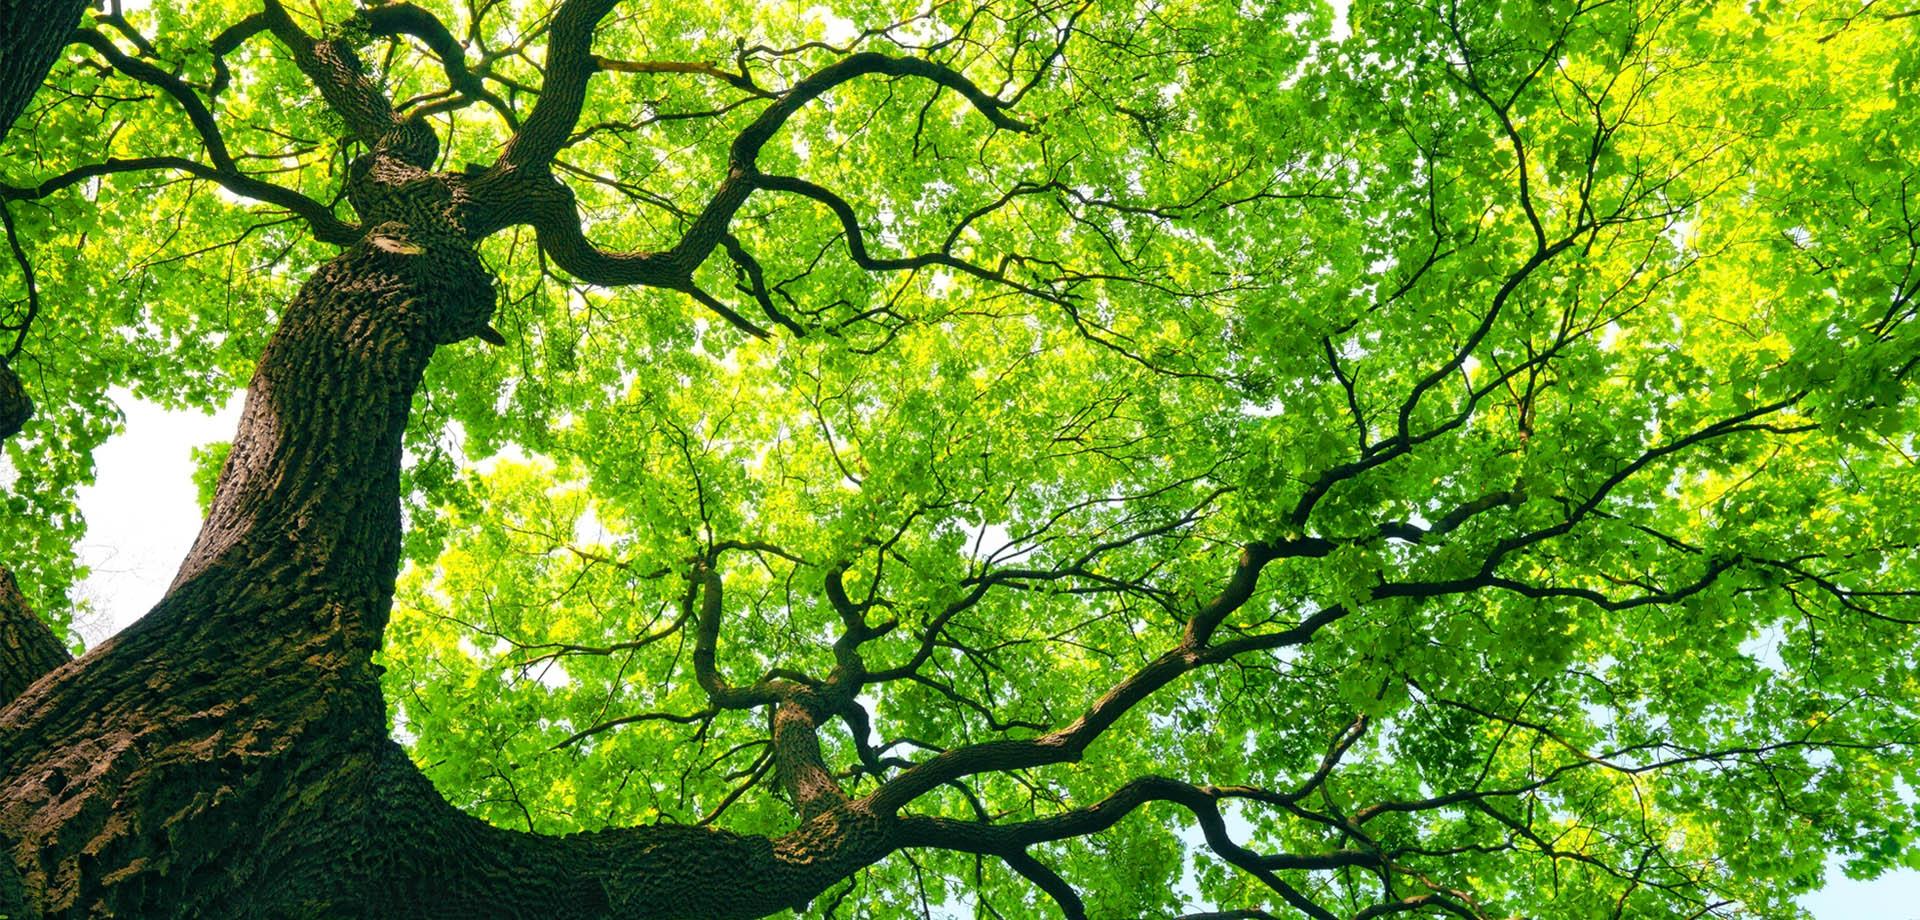 درختان هم ژست و ضربان قلب دارند!